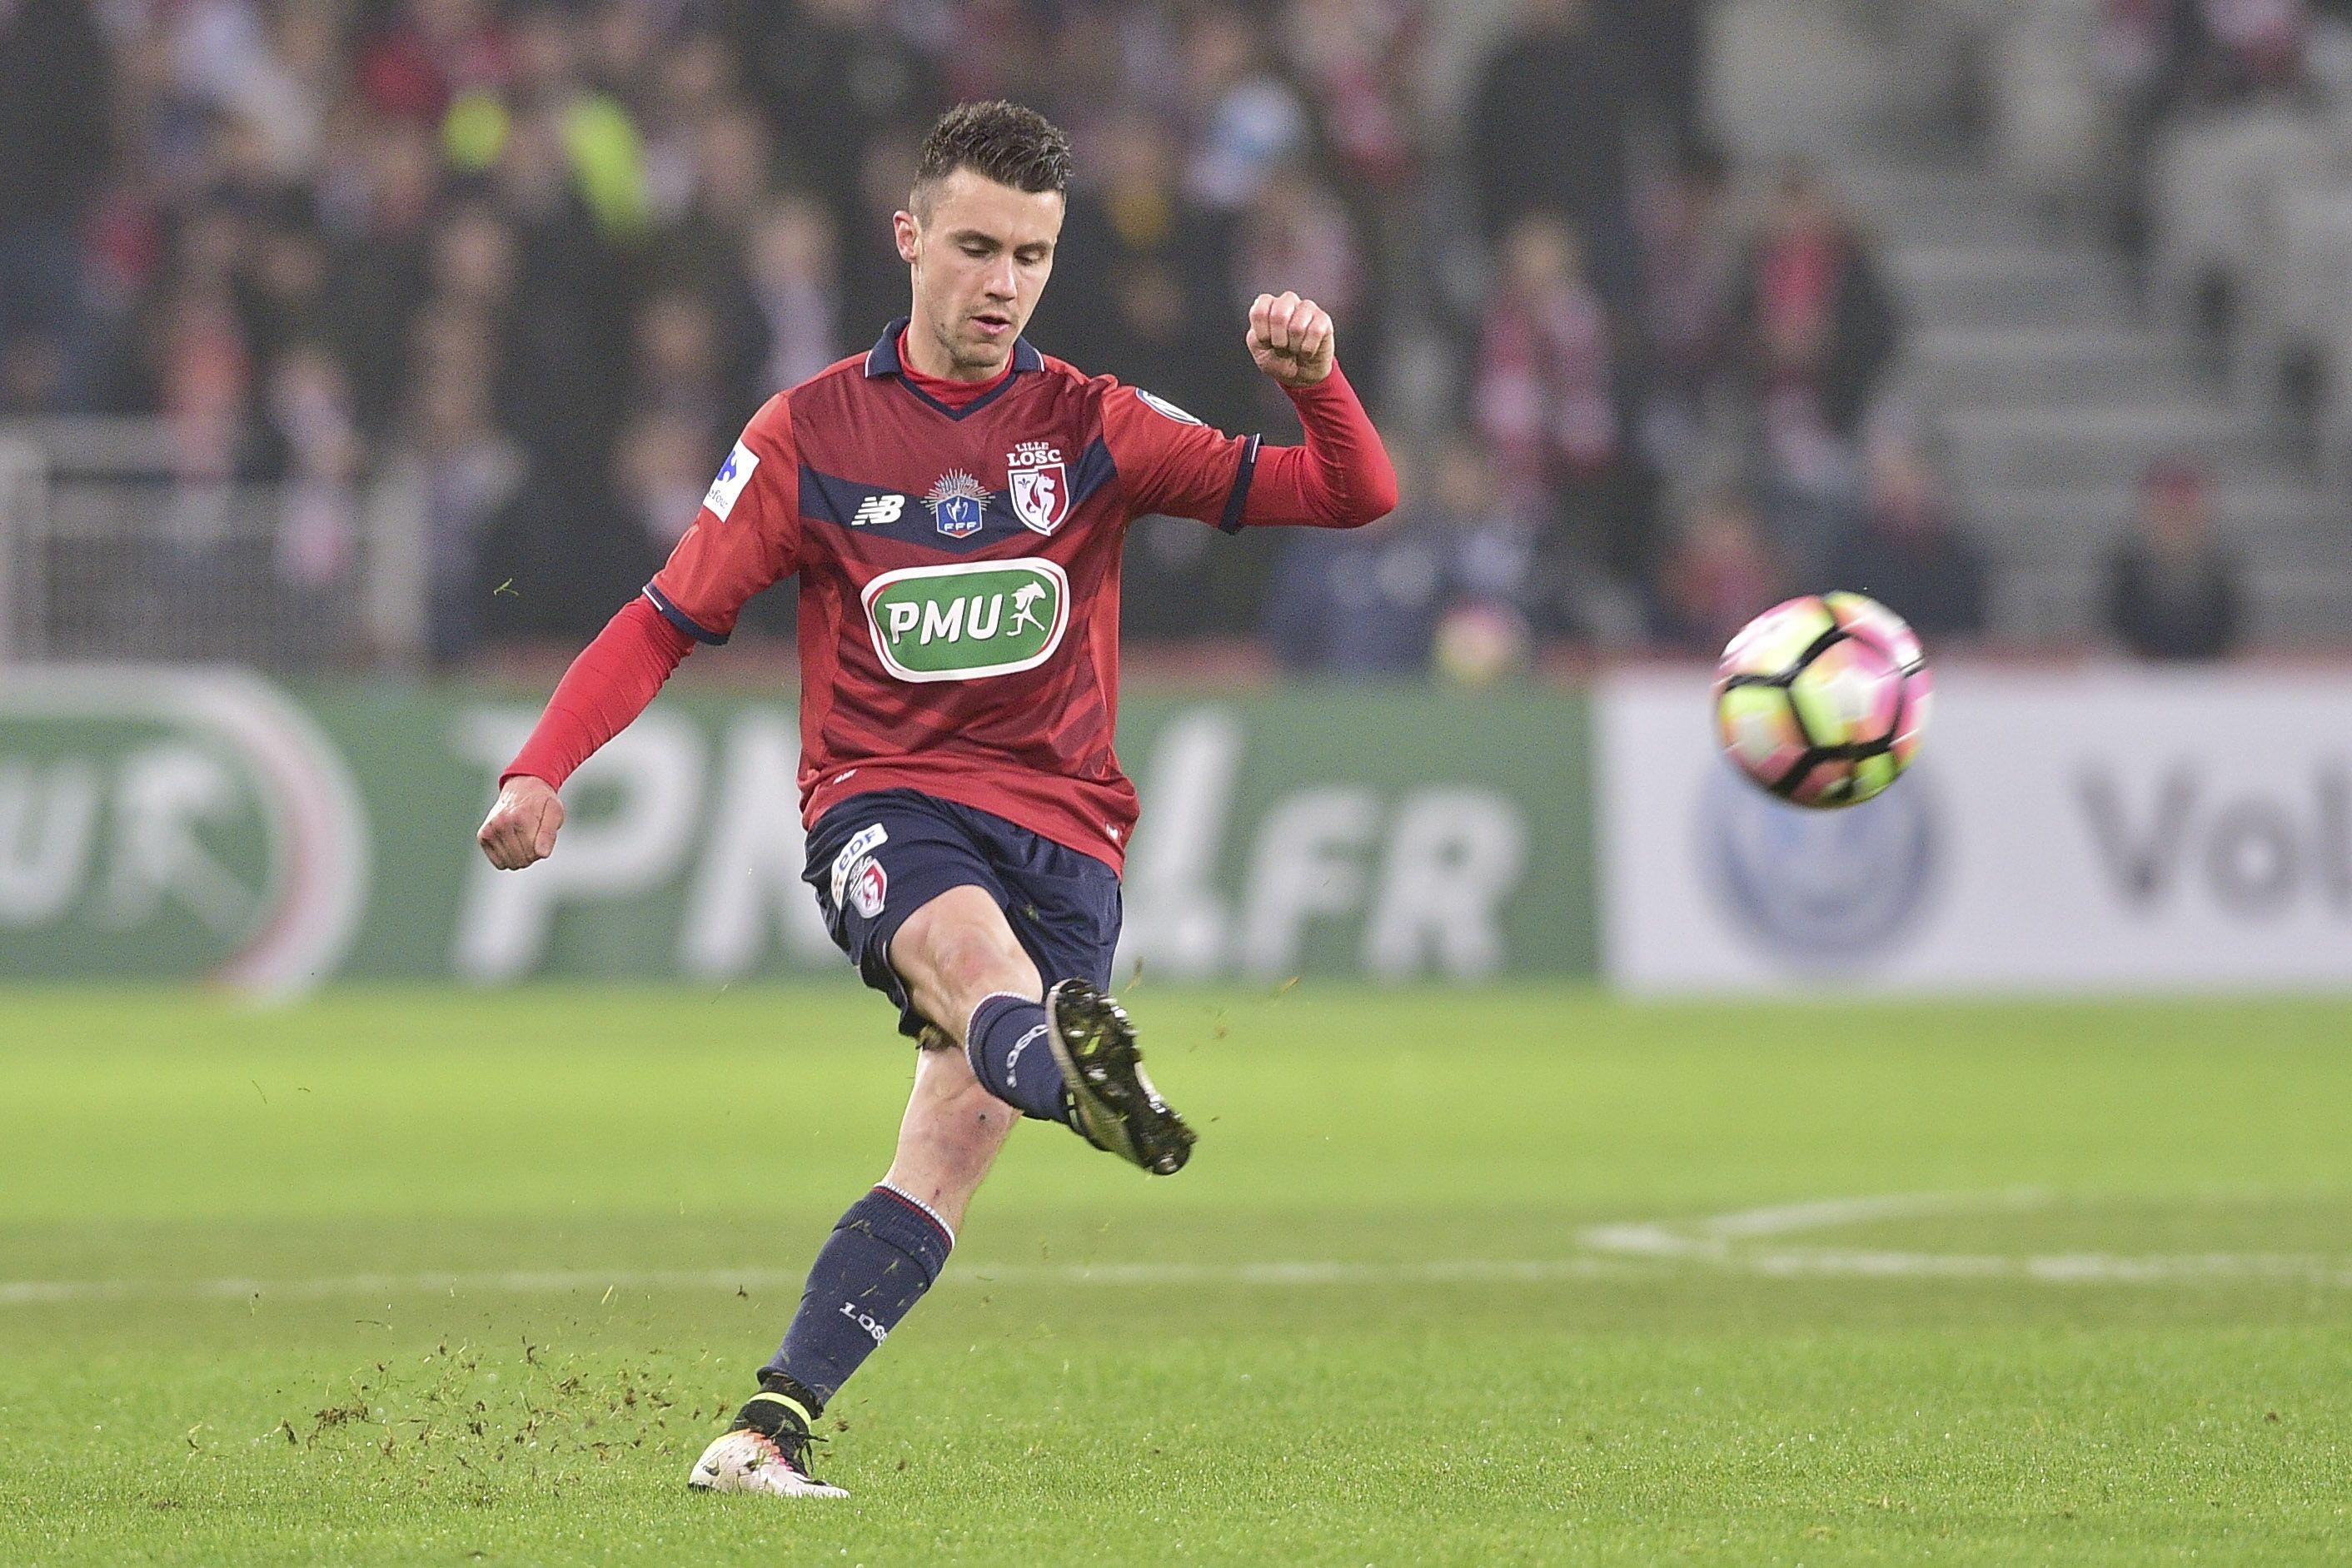 Coupe de france bergerac lille en direct coupe de - Resultat de coupe de france en direct ...